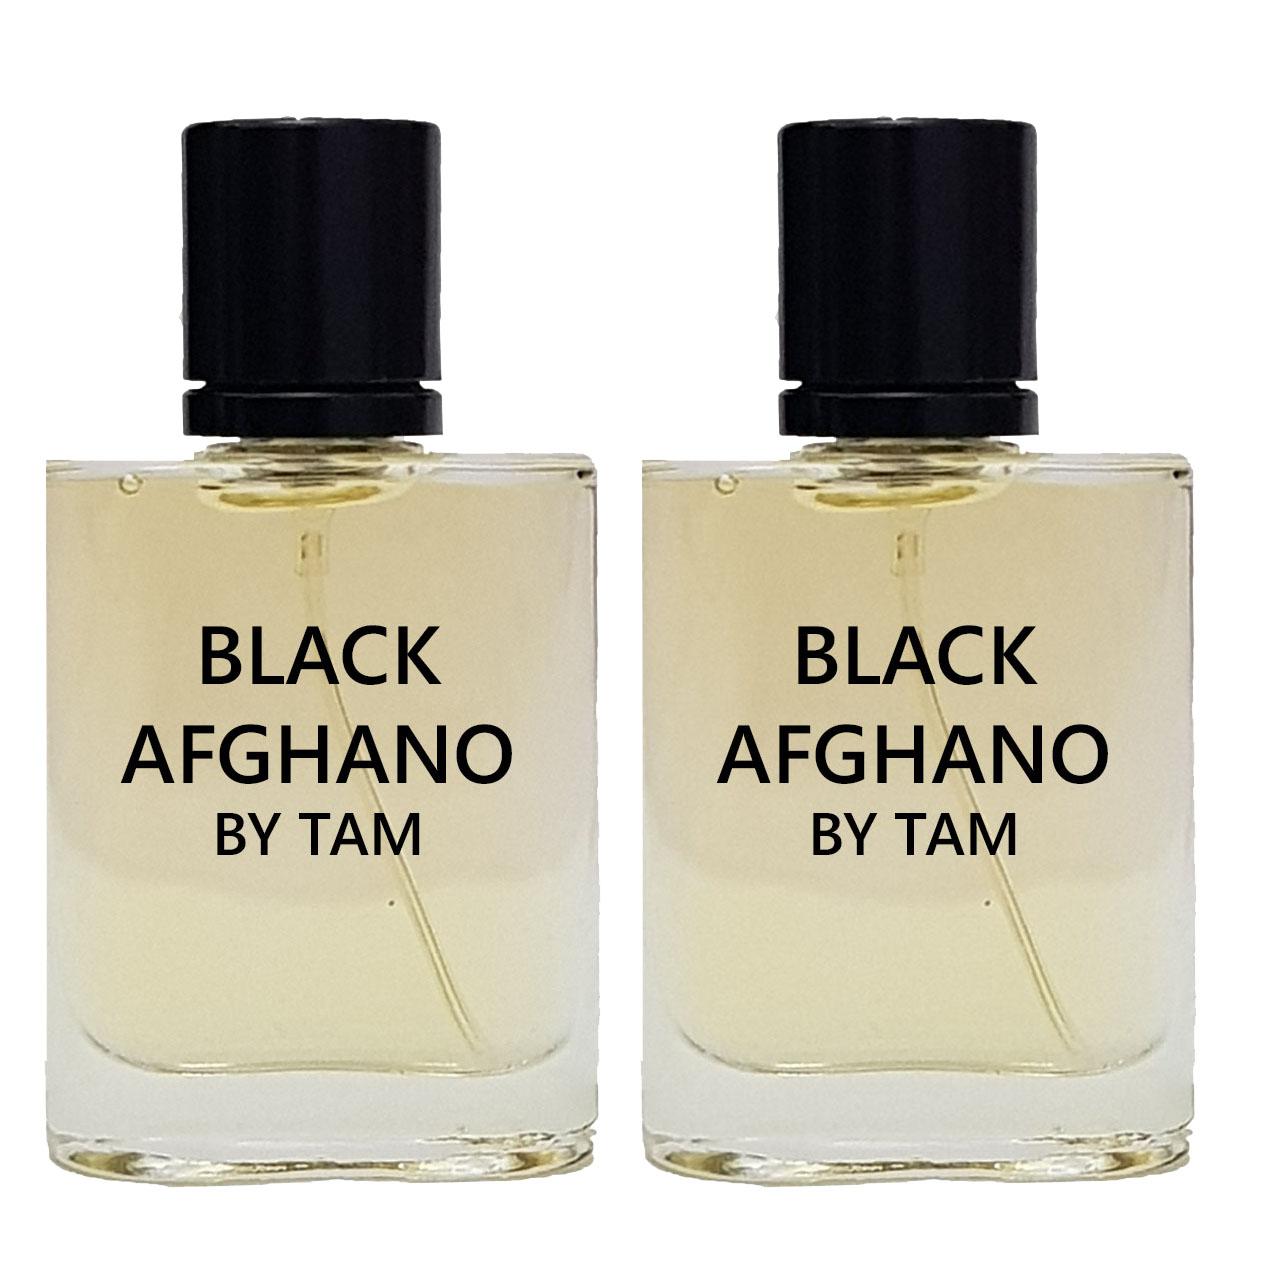 عطر جیبی مردانه تام مدل Black Afghano حجم 25 میلی لیتر بسته 2 عددی